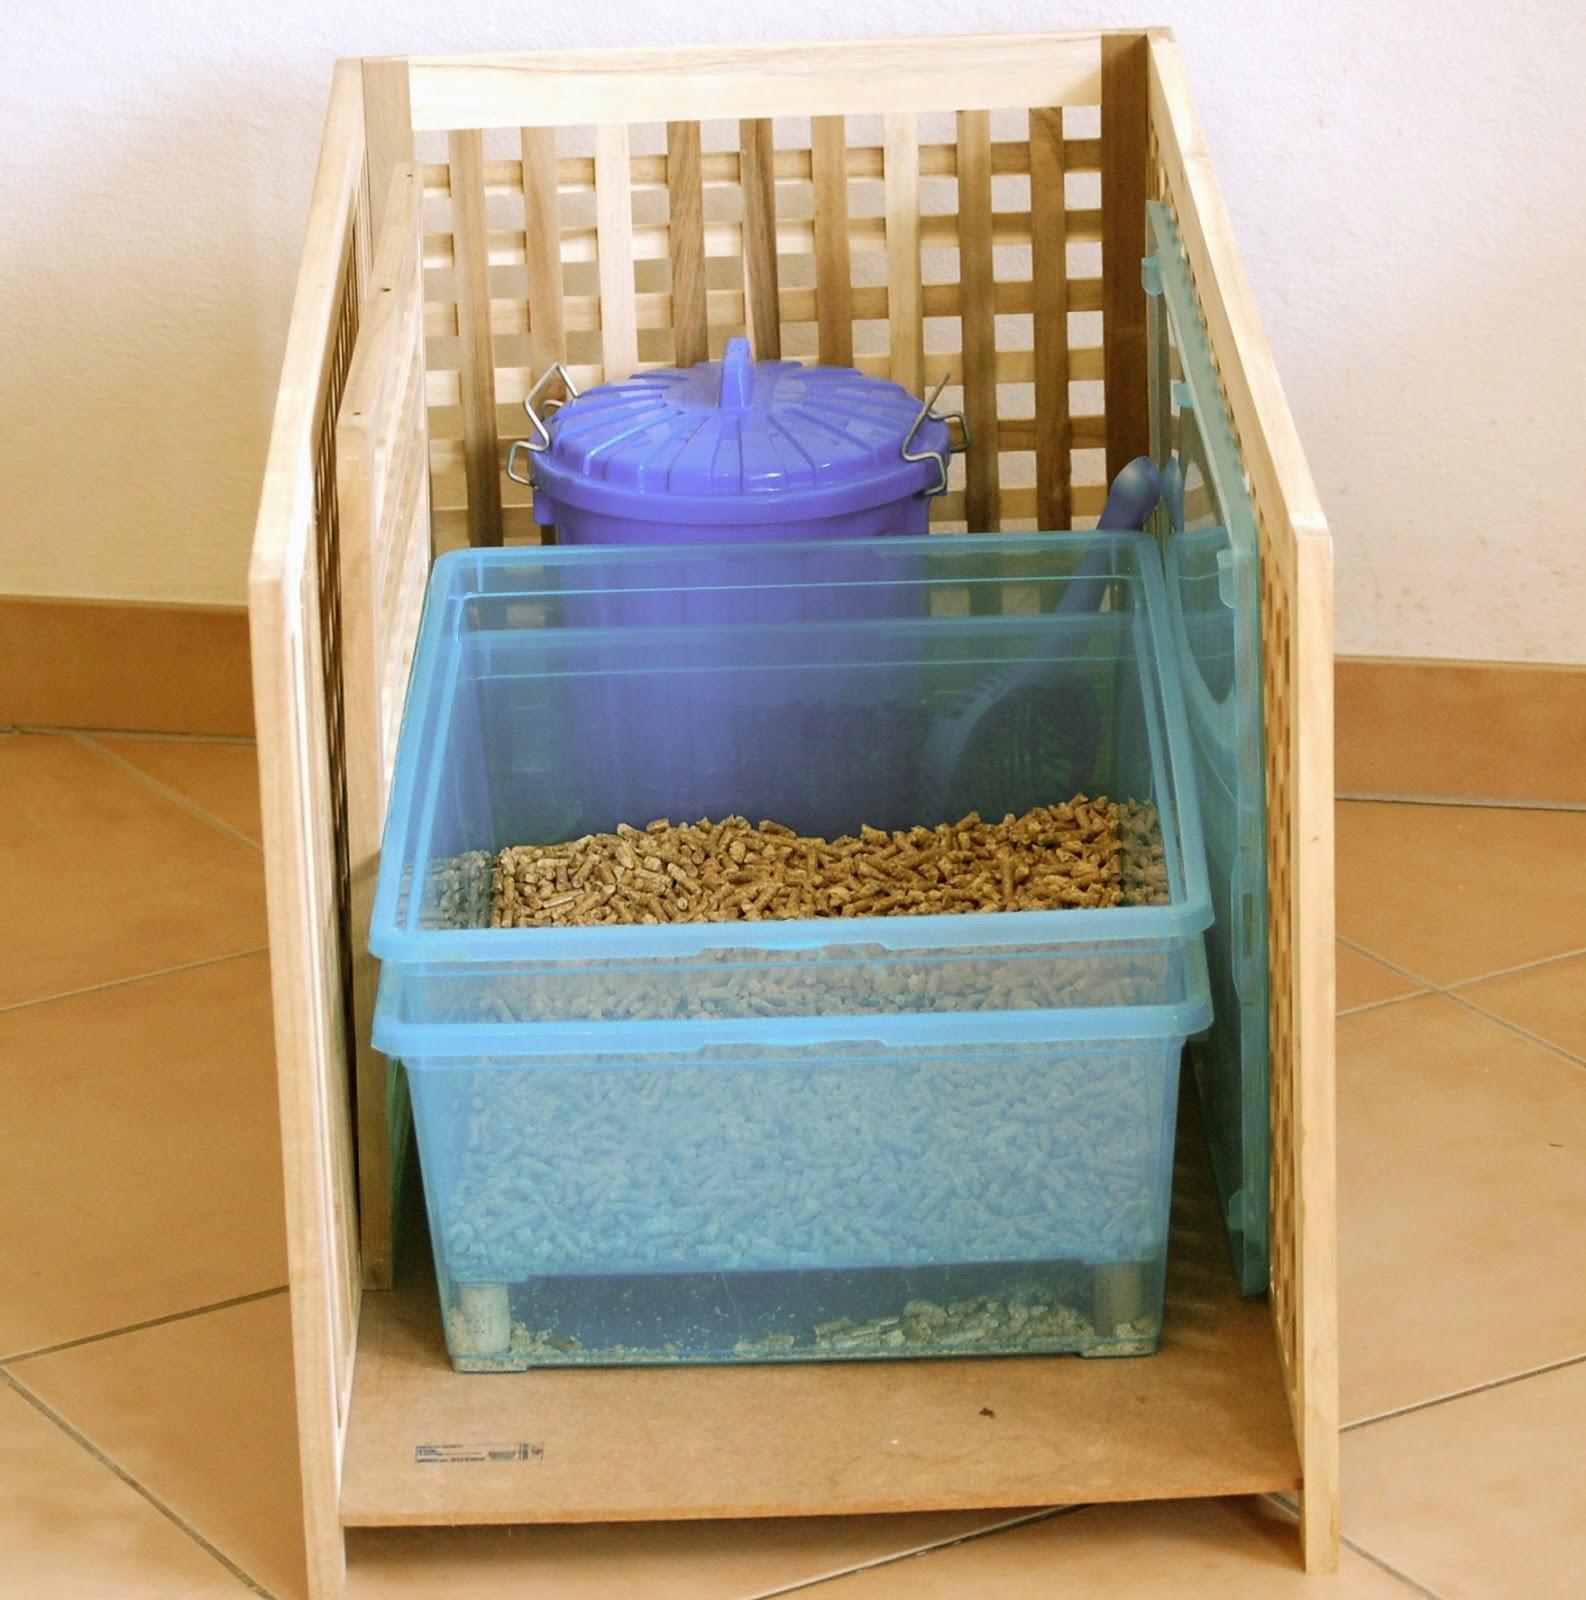 http://meowlifestyle.blogspot.ch/2014/12/diy-wood-pellet-litter-box.html